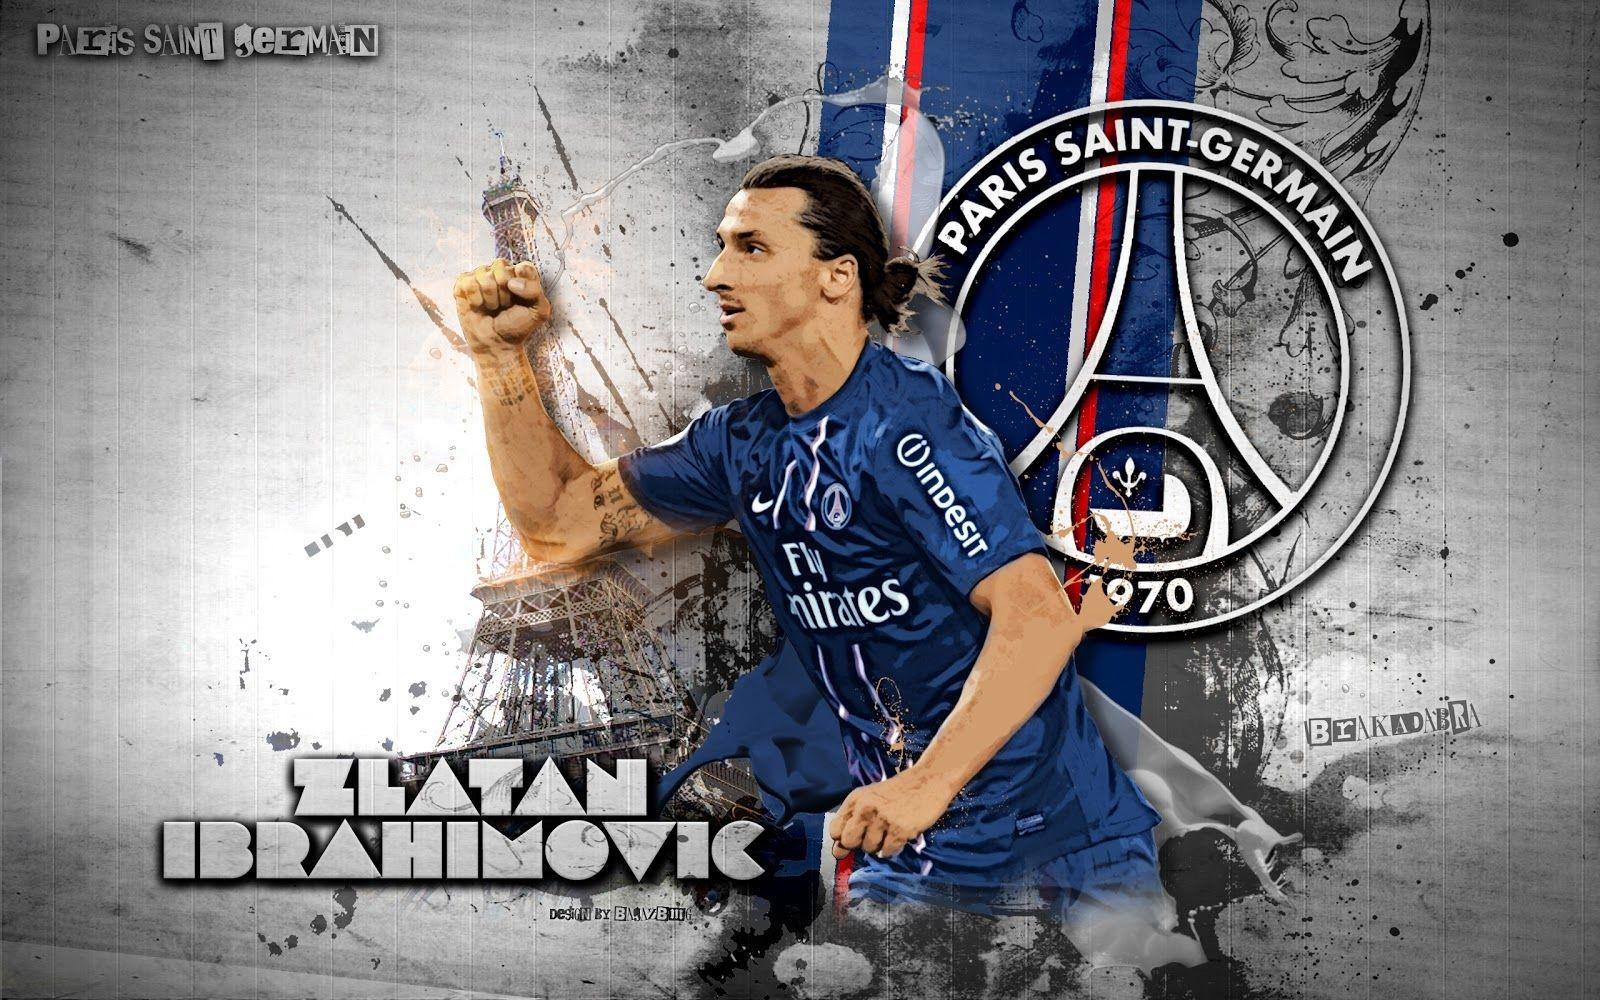 Zlatan Ibrahimovic Background